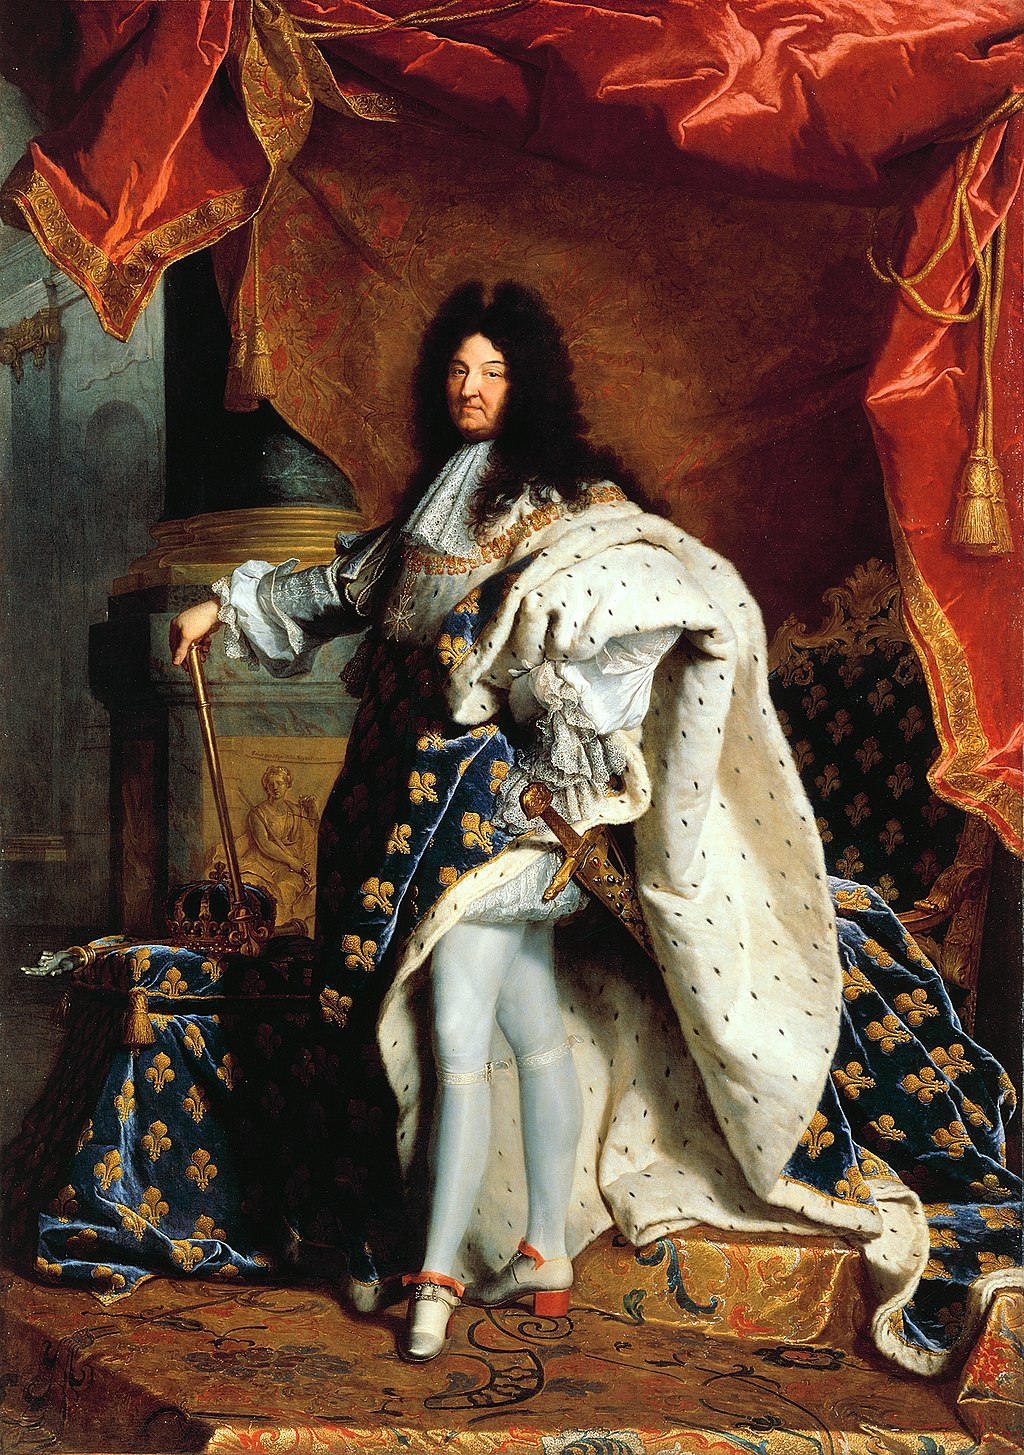 Image Wikipedia - Portrait de Louis XIV par Hyacinthe Rigaud